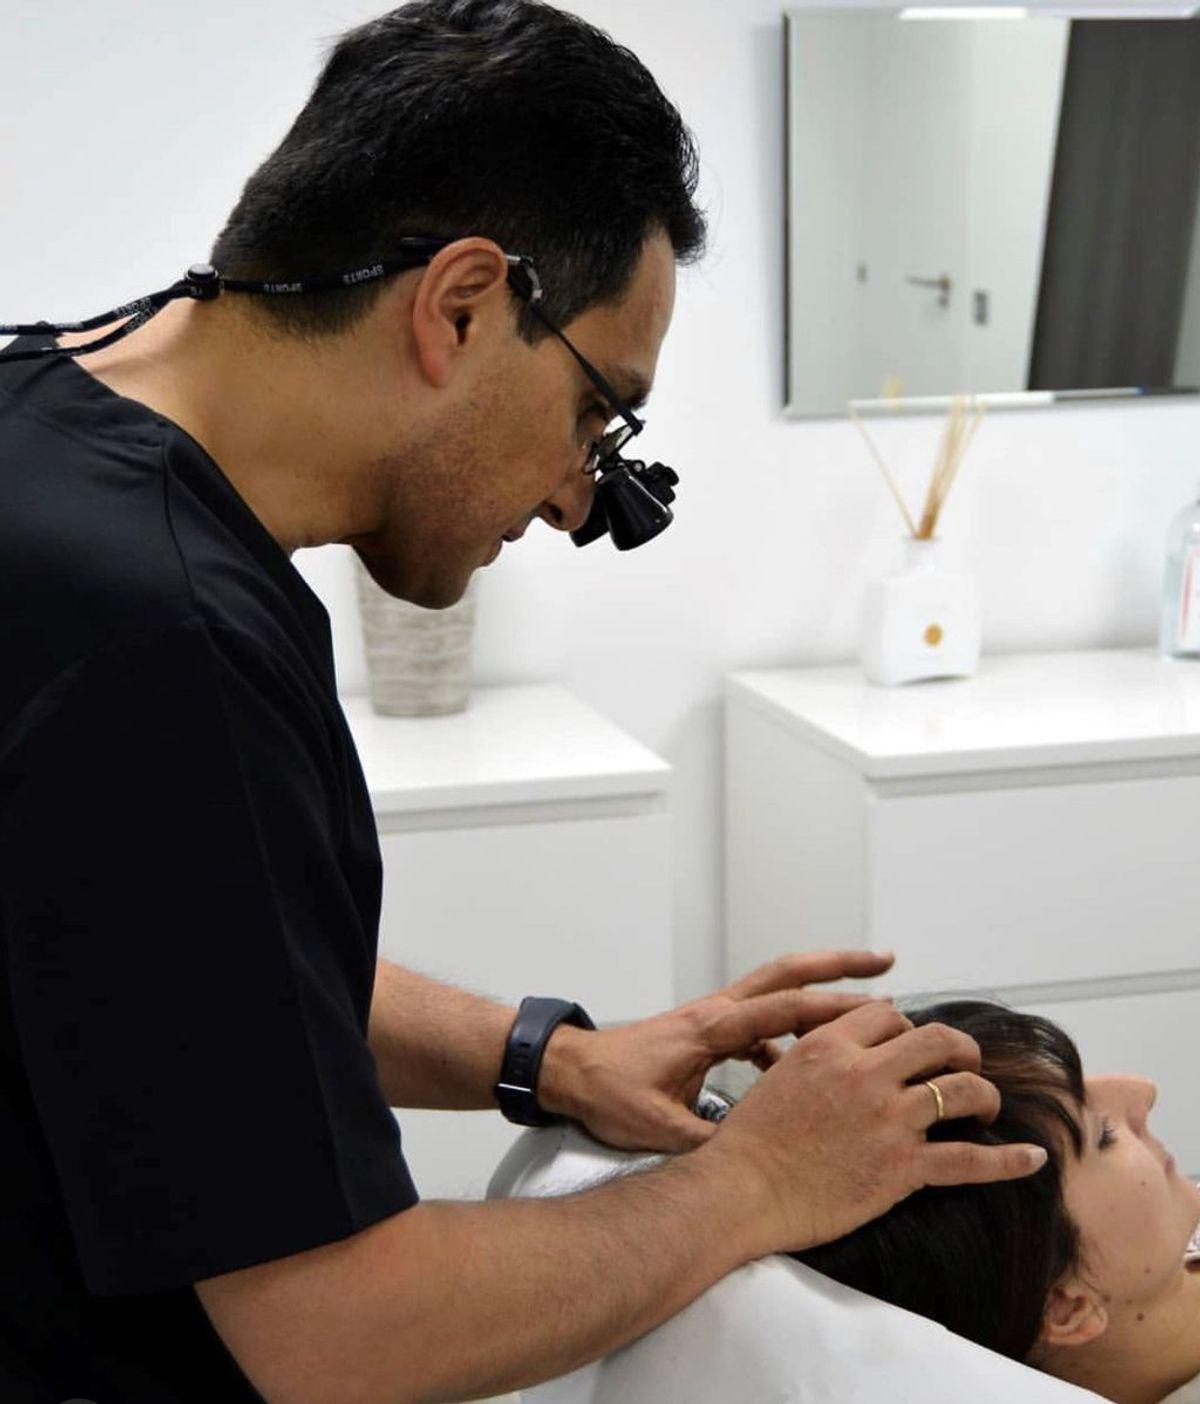 """""""Estimulación del cuero cabelludo y micronutrientes"""", así proponen evitar la caída del cabello tras la covid"""